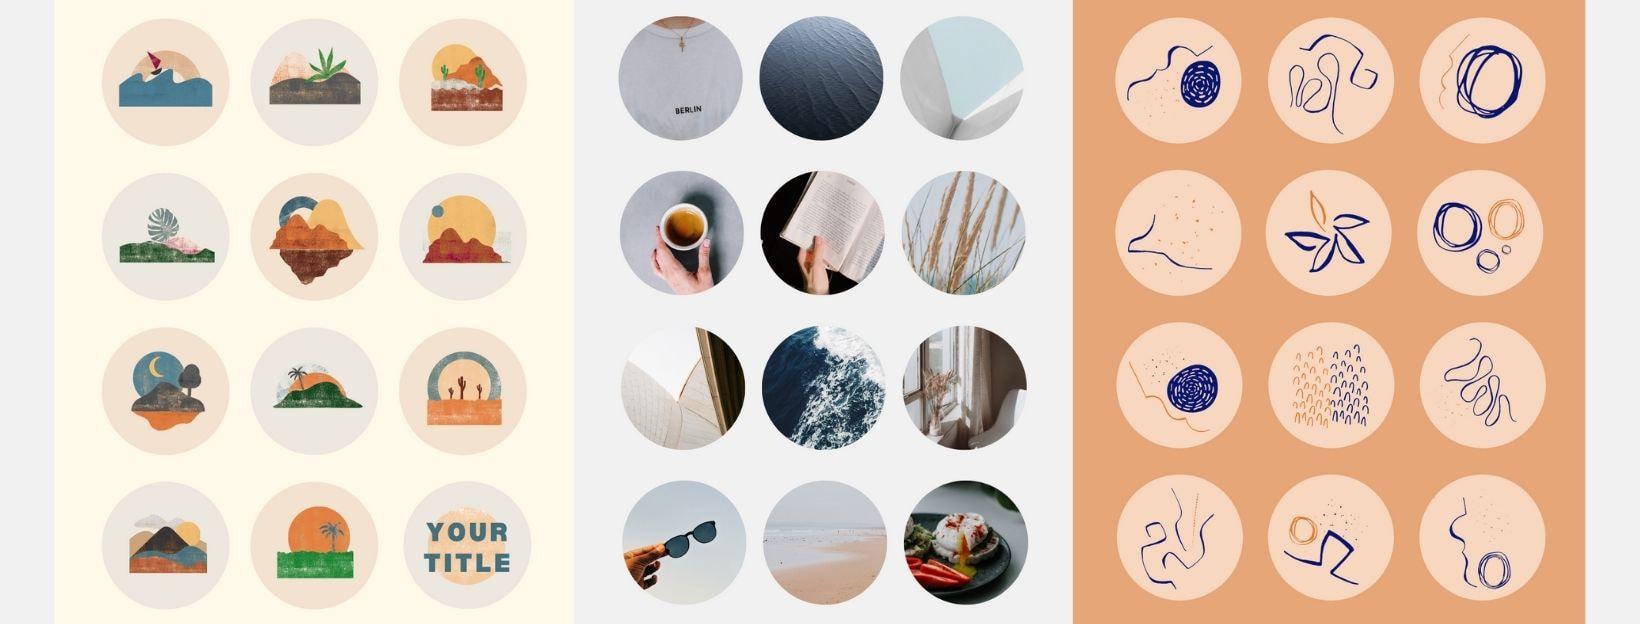 Vorlagen für Instagram Story Highlight Cover